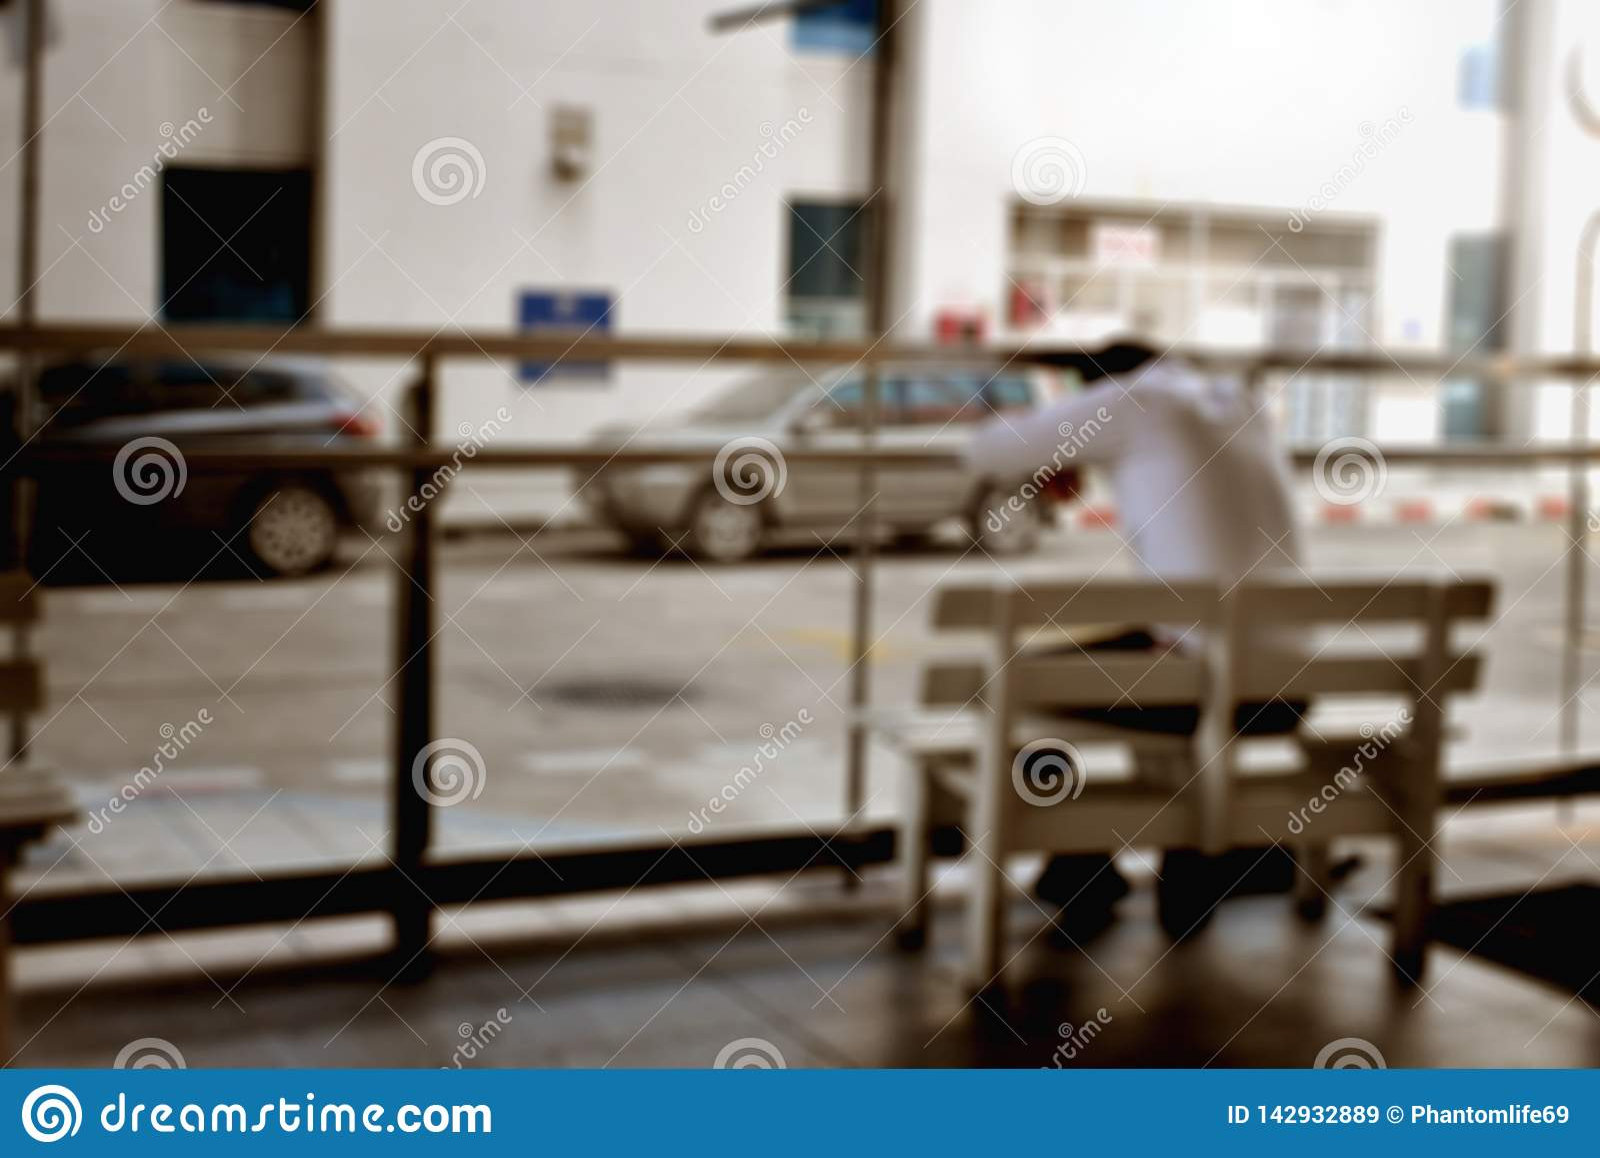 Foto borrosa del hombre cansado que se sienta en el banco